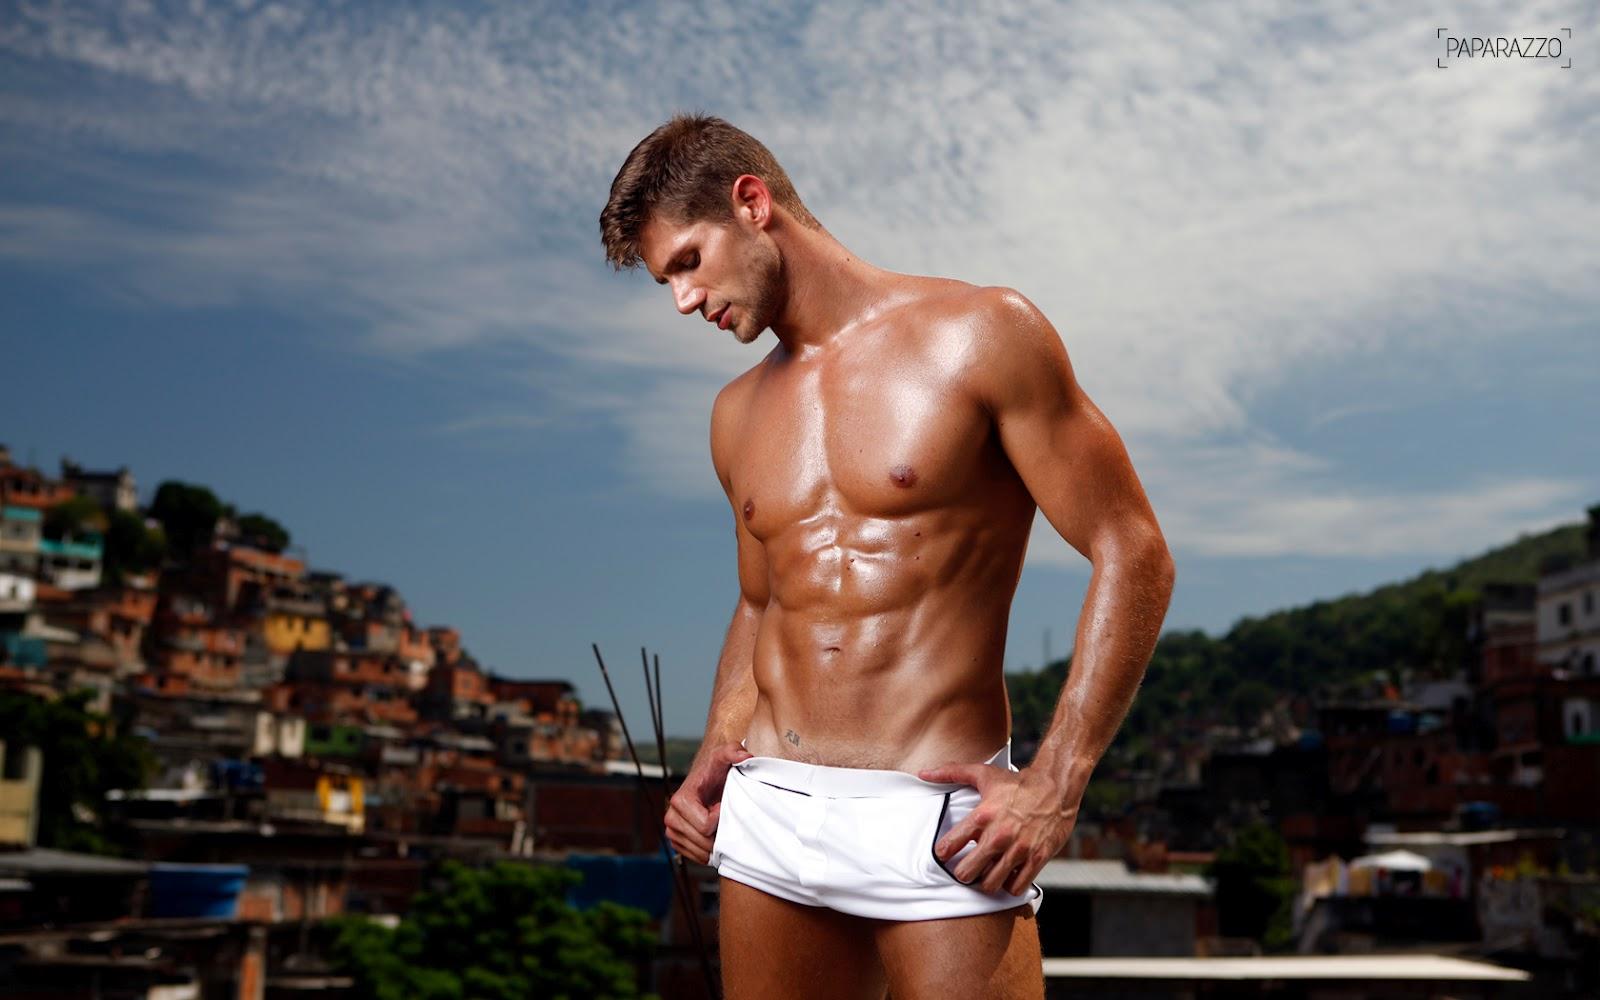 http://4.bp.blogspot.com/-f6u_PNudxZM/T43CME2NHnI/AAAAAAAAVuc/RVsYqQkj7sI/s1600/jonas_sulzbach+(22).jpg